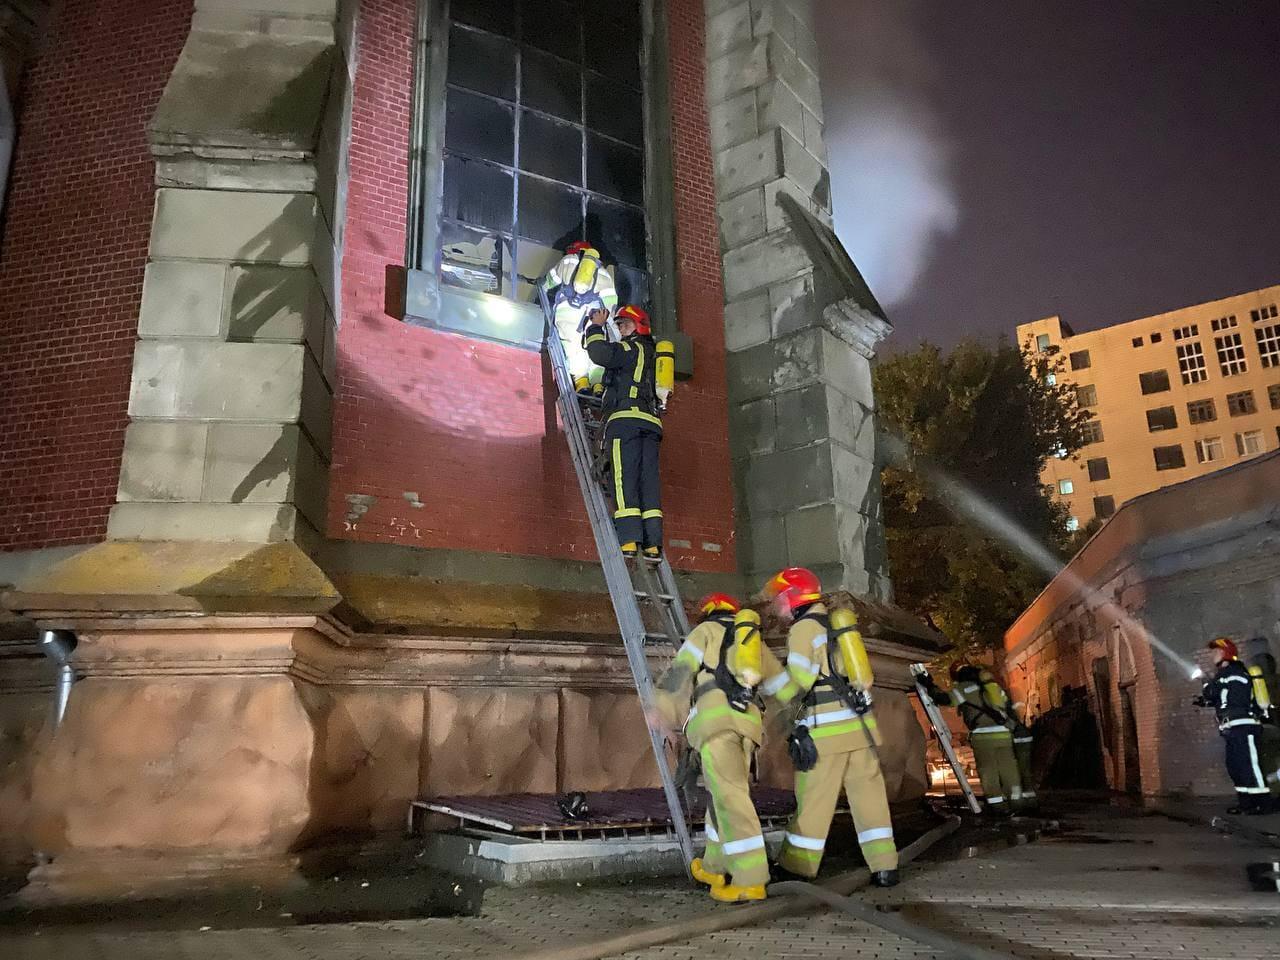 У київському костелі Святого Миколая - масштабна пожежа: подробиці та відео НП